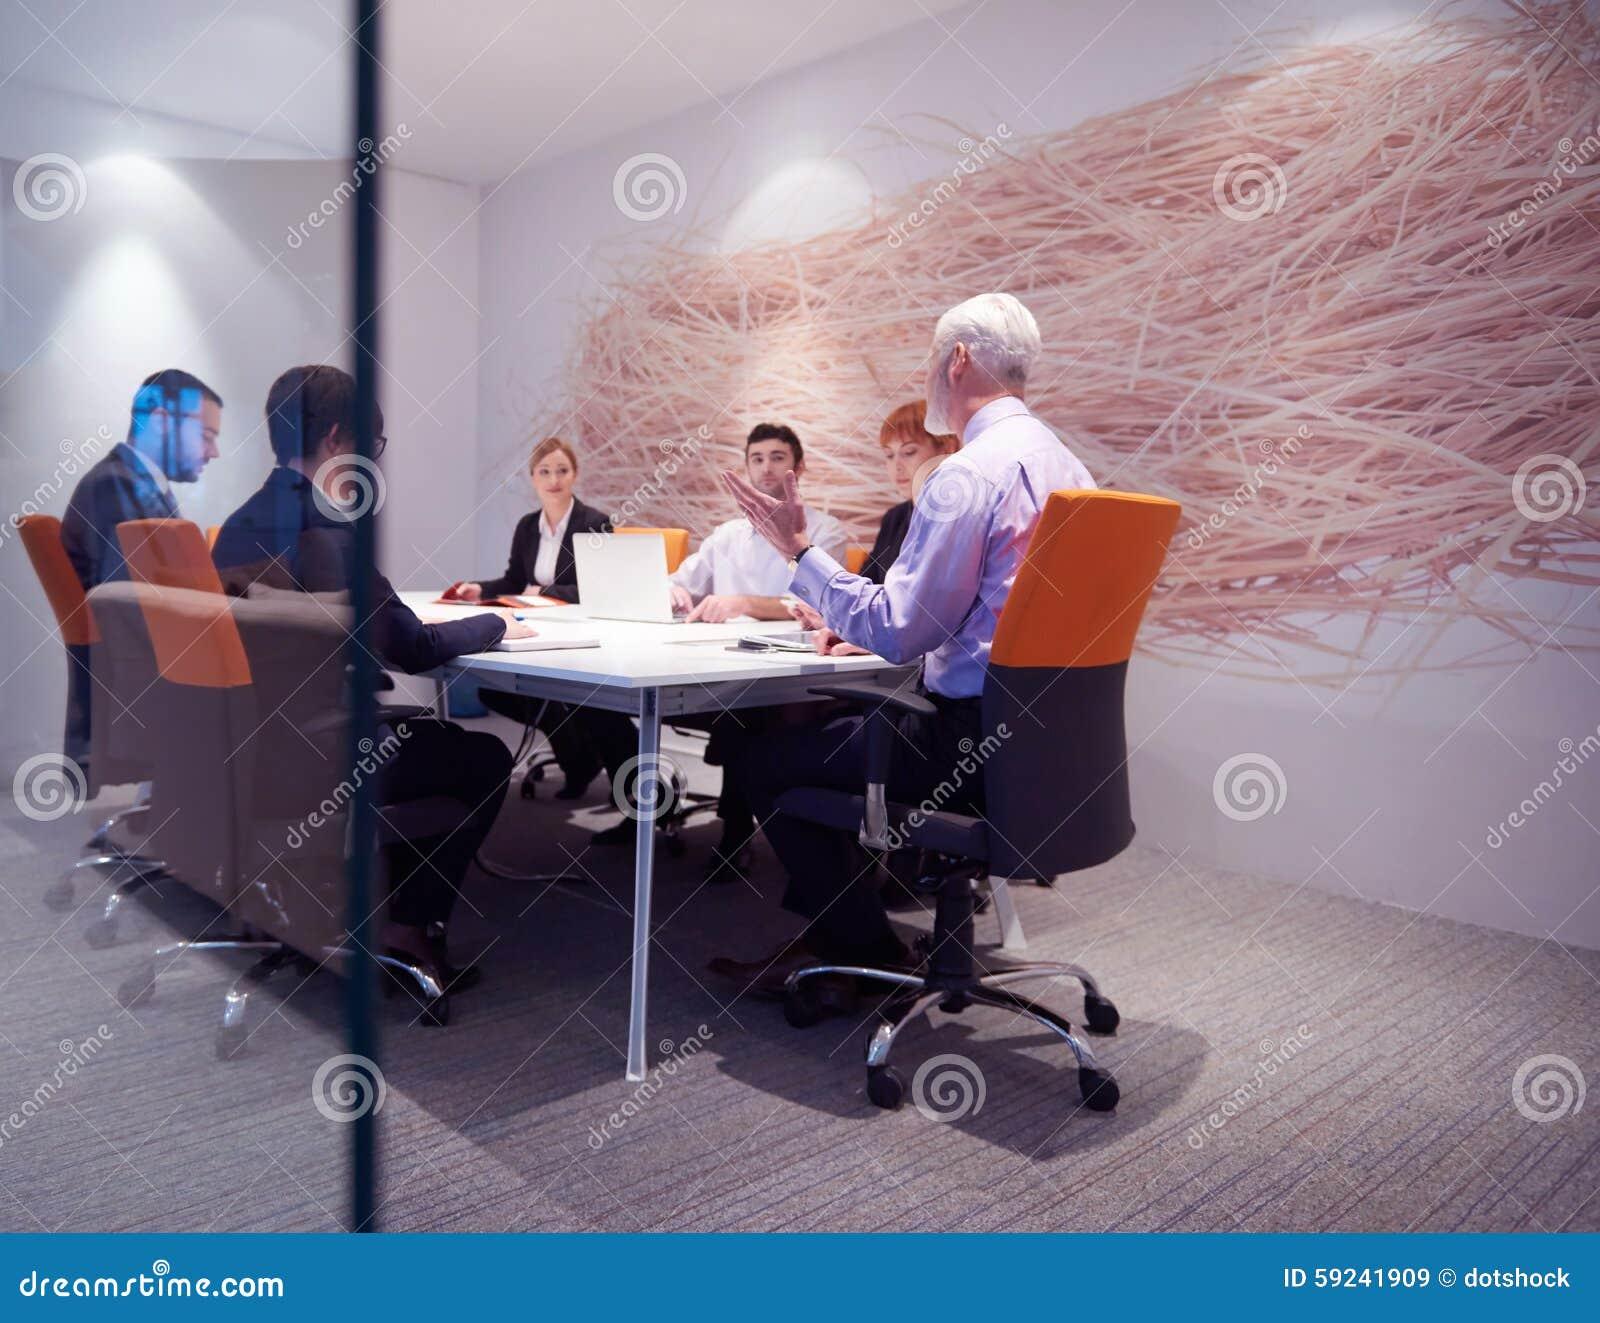 Download Los Hombres De Negocios Agrupan En La Reunión Imagen de archivo - Imagen de ejecutivo, varón: 59241909